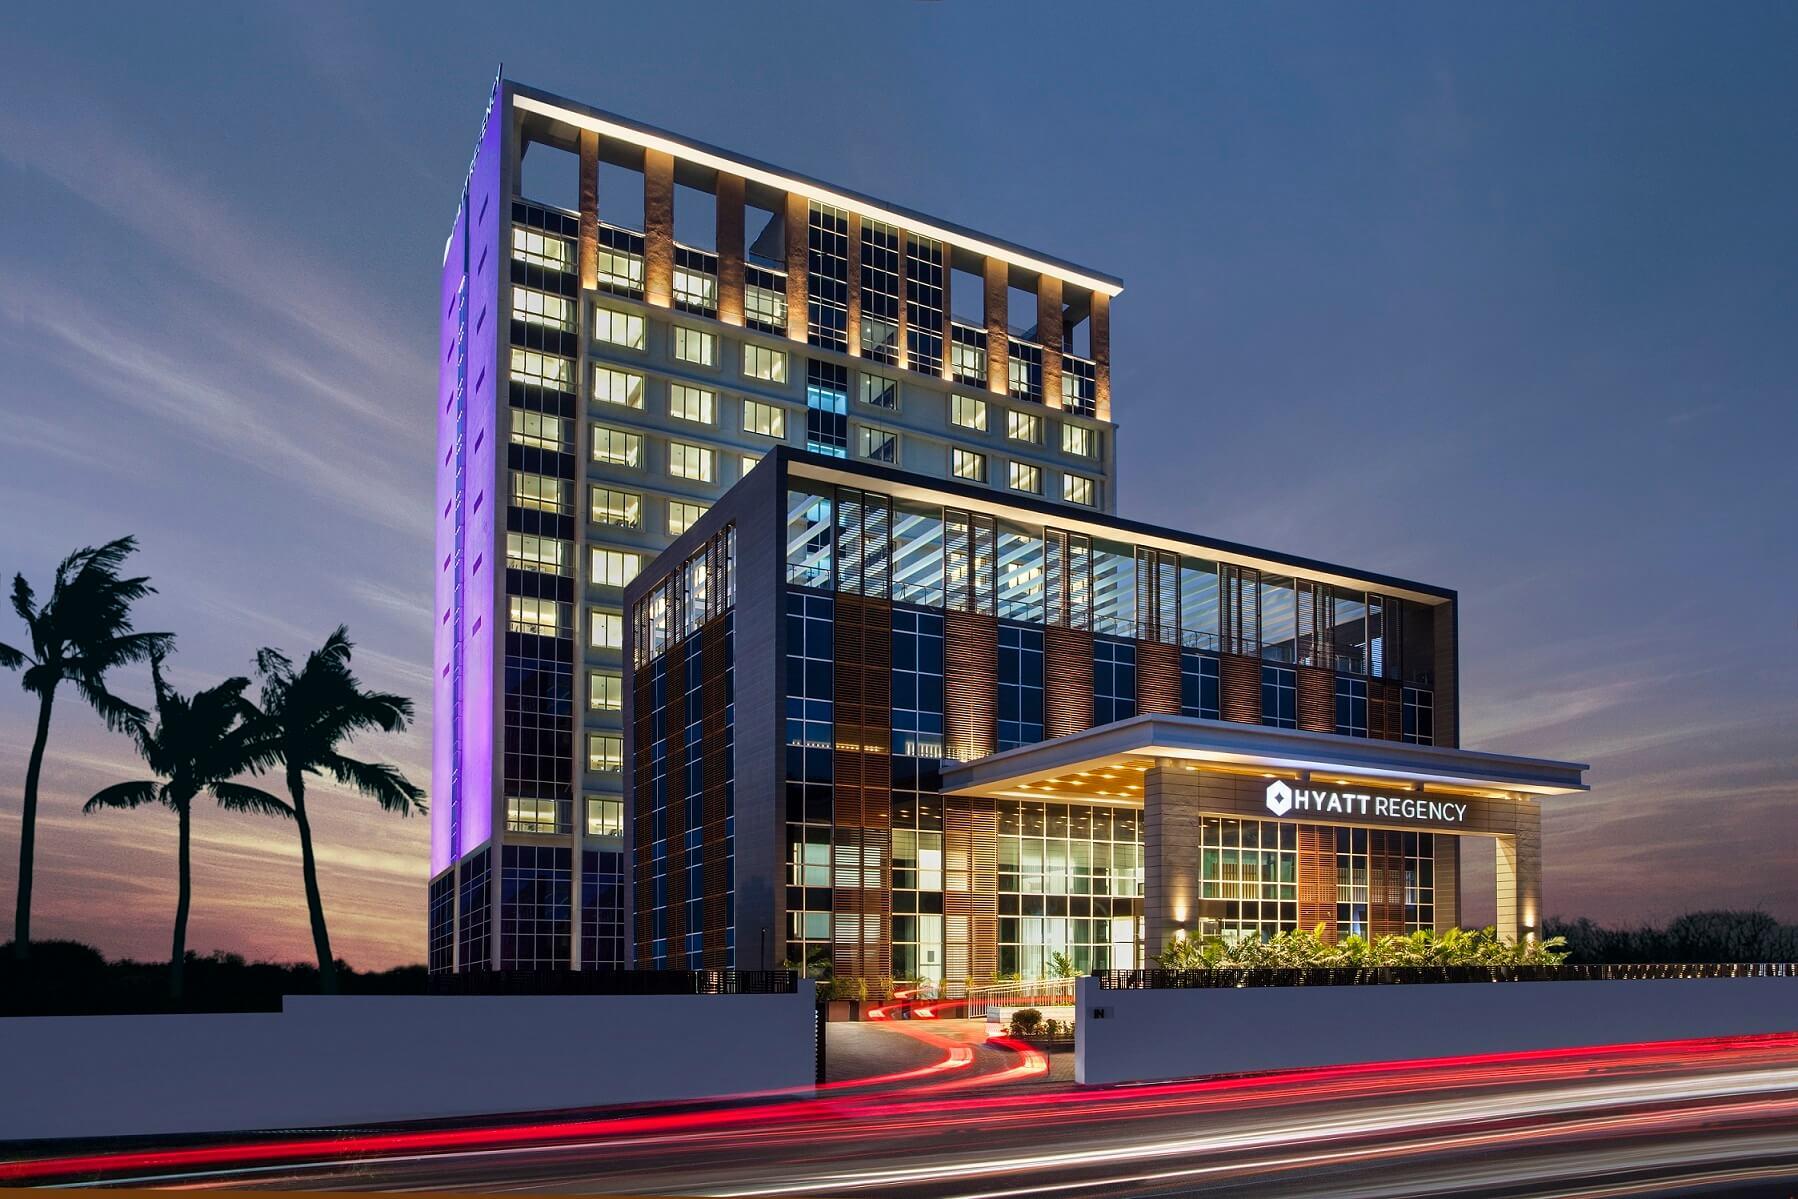 Hyatt hotels купить квартиру в торонто недорого